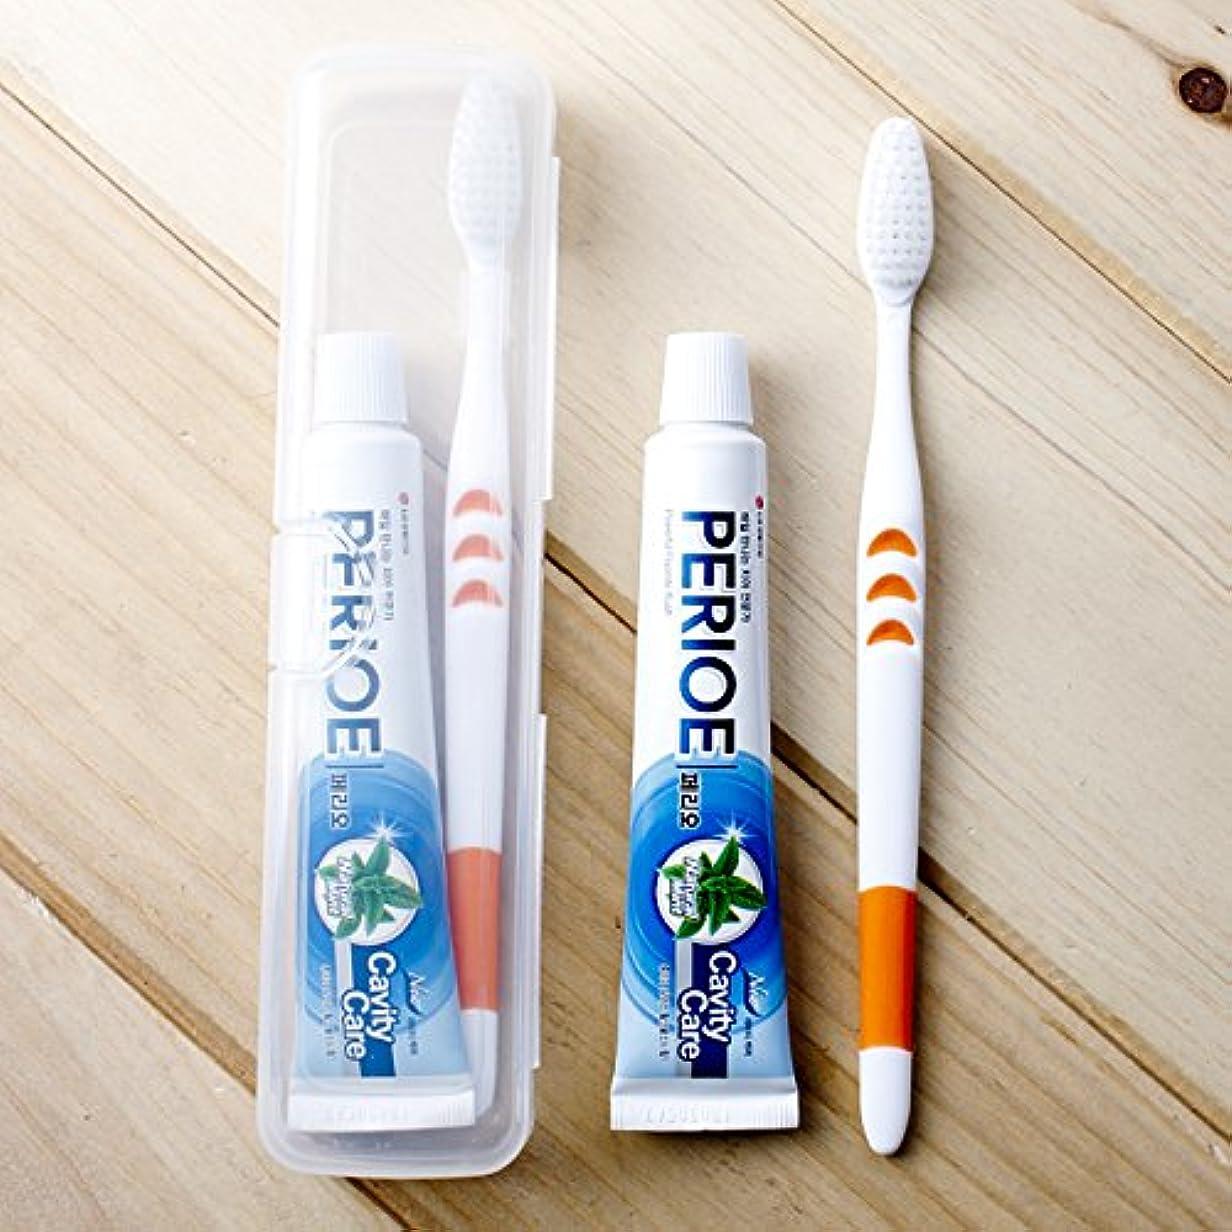 文言成り立つ依存VBMDoM 旅行歯ブラシキットセット x 2個 韓国製品 [並行輸入品]